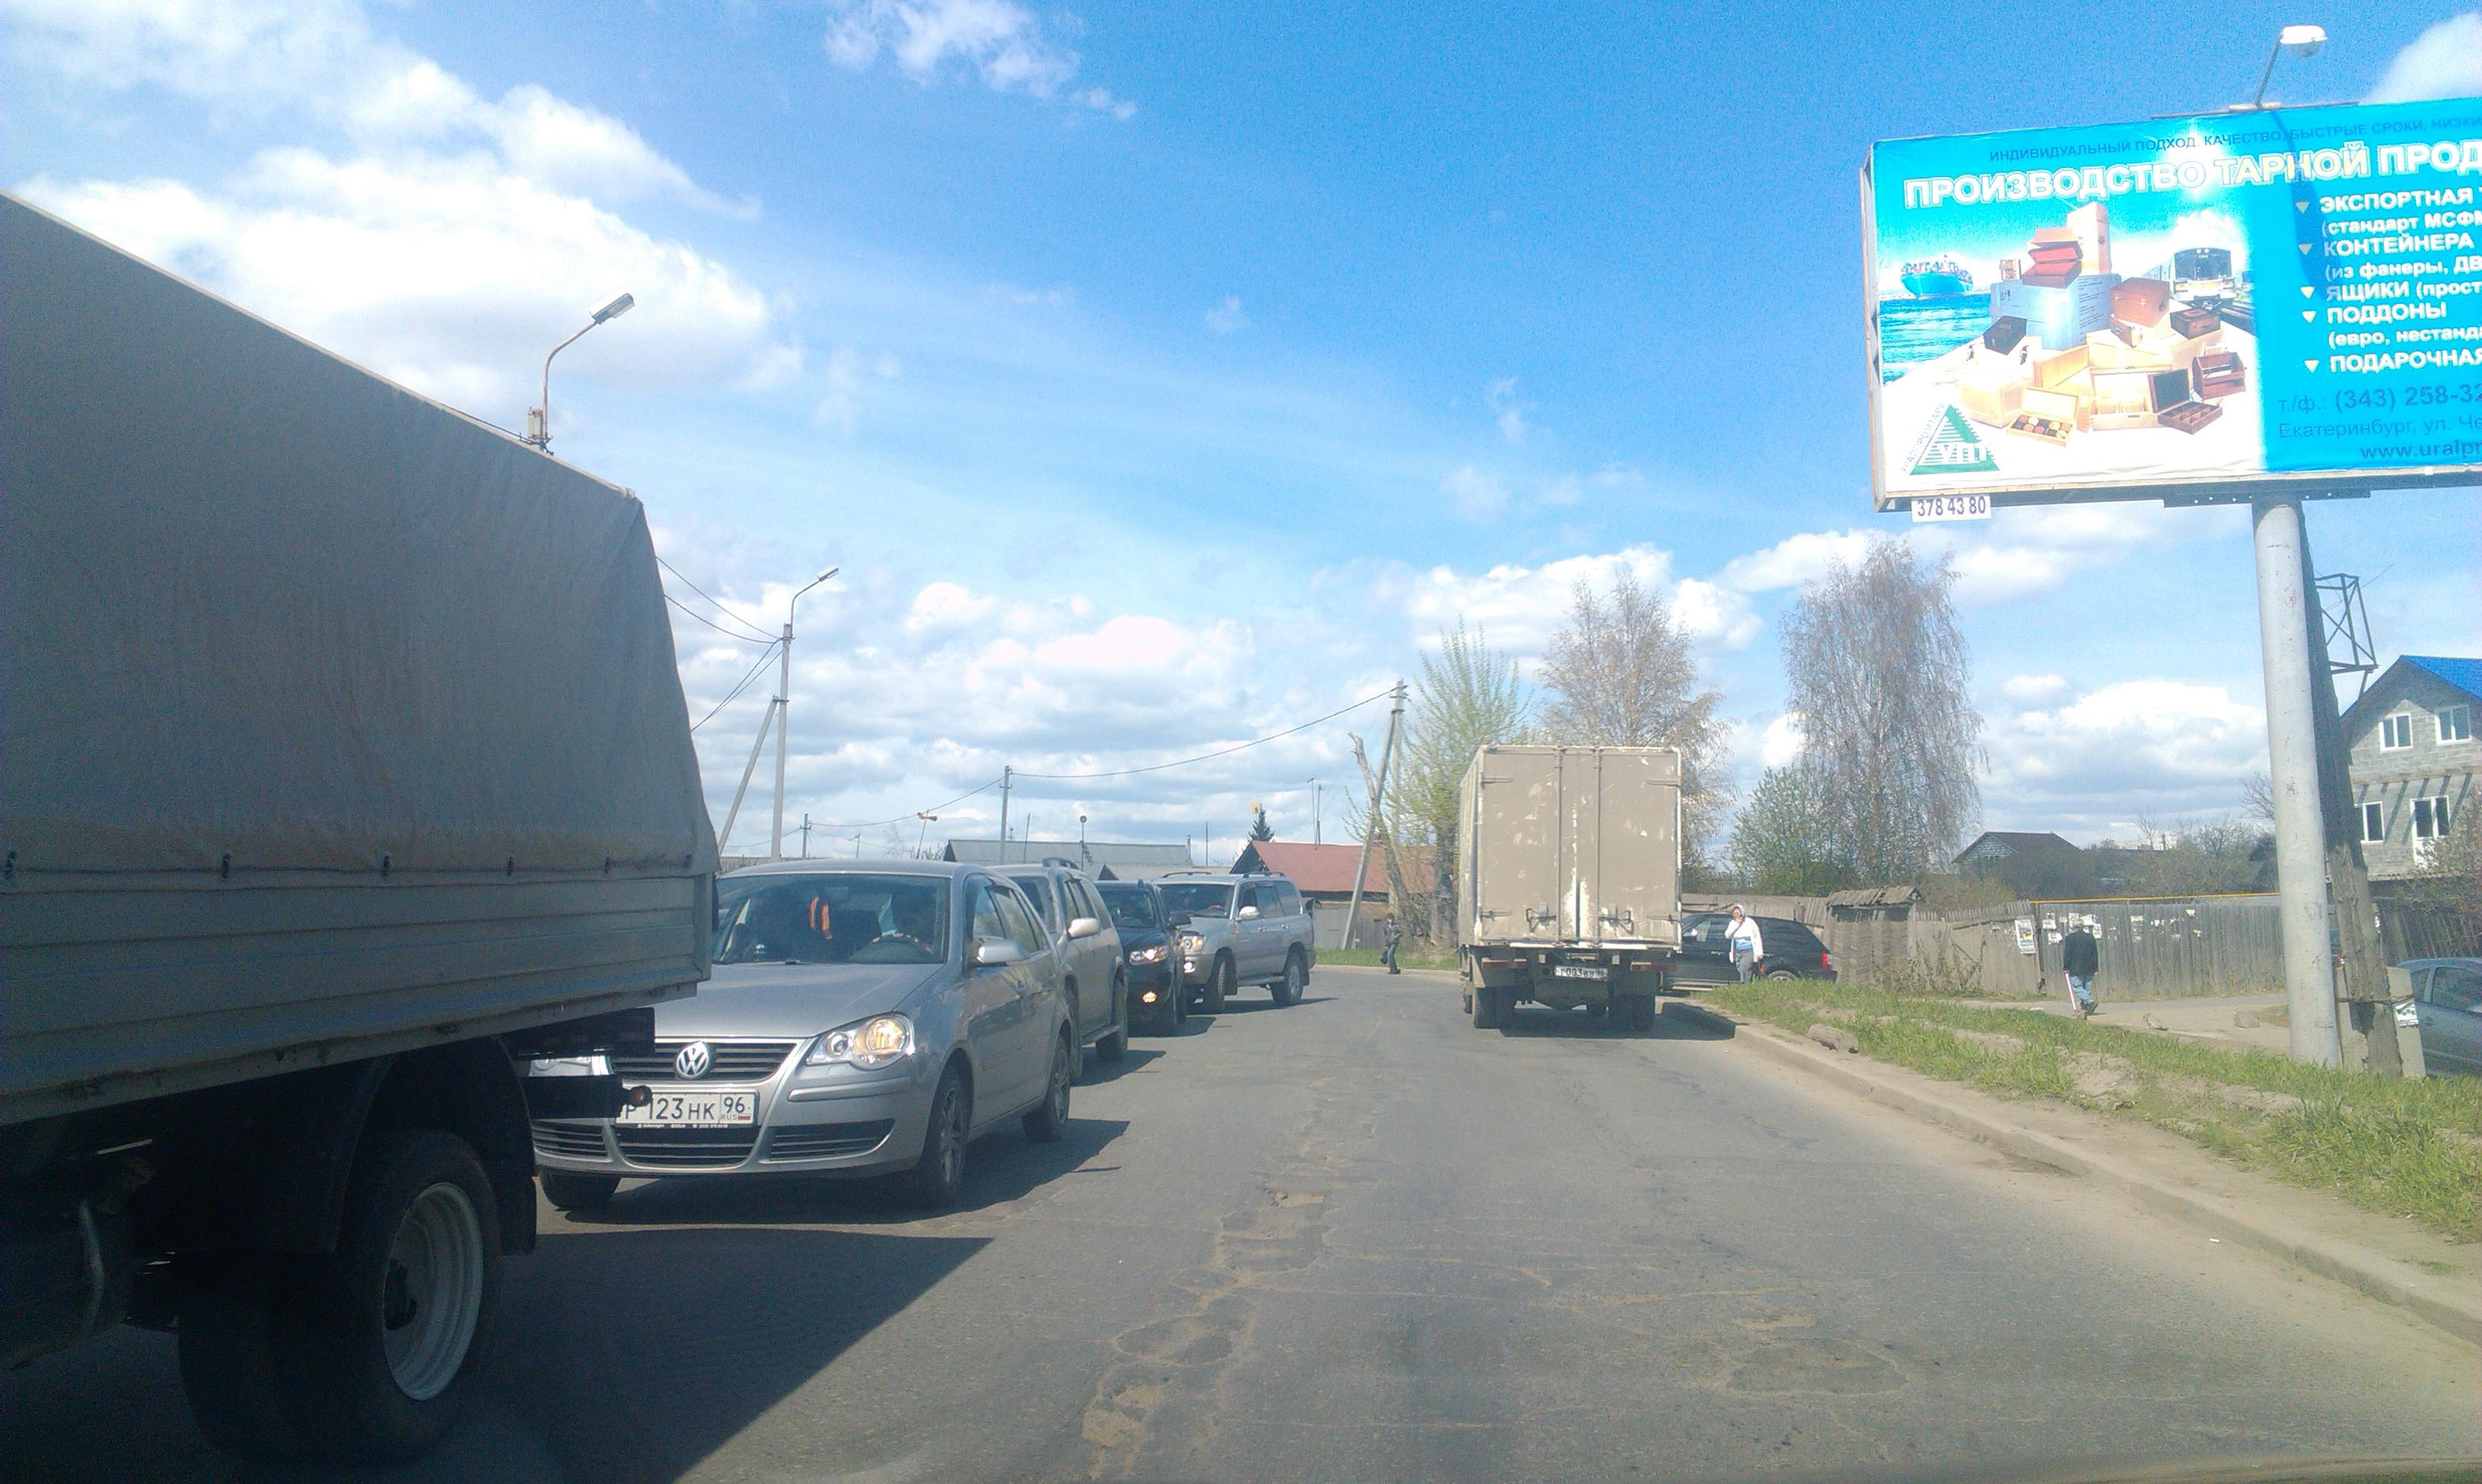 В Родительский день горожане заблокировали выезды из города